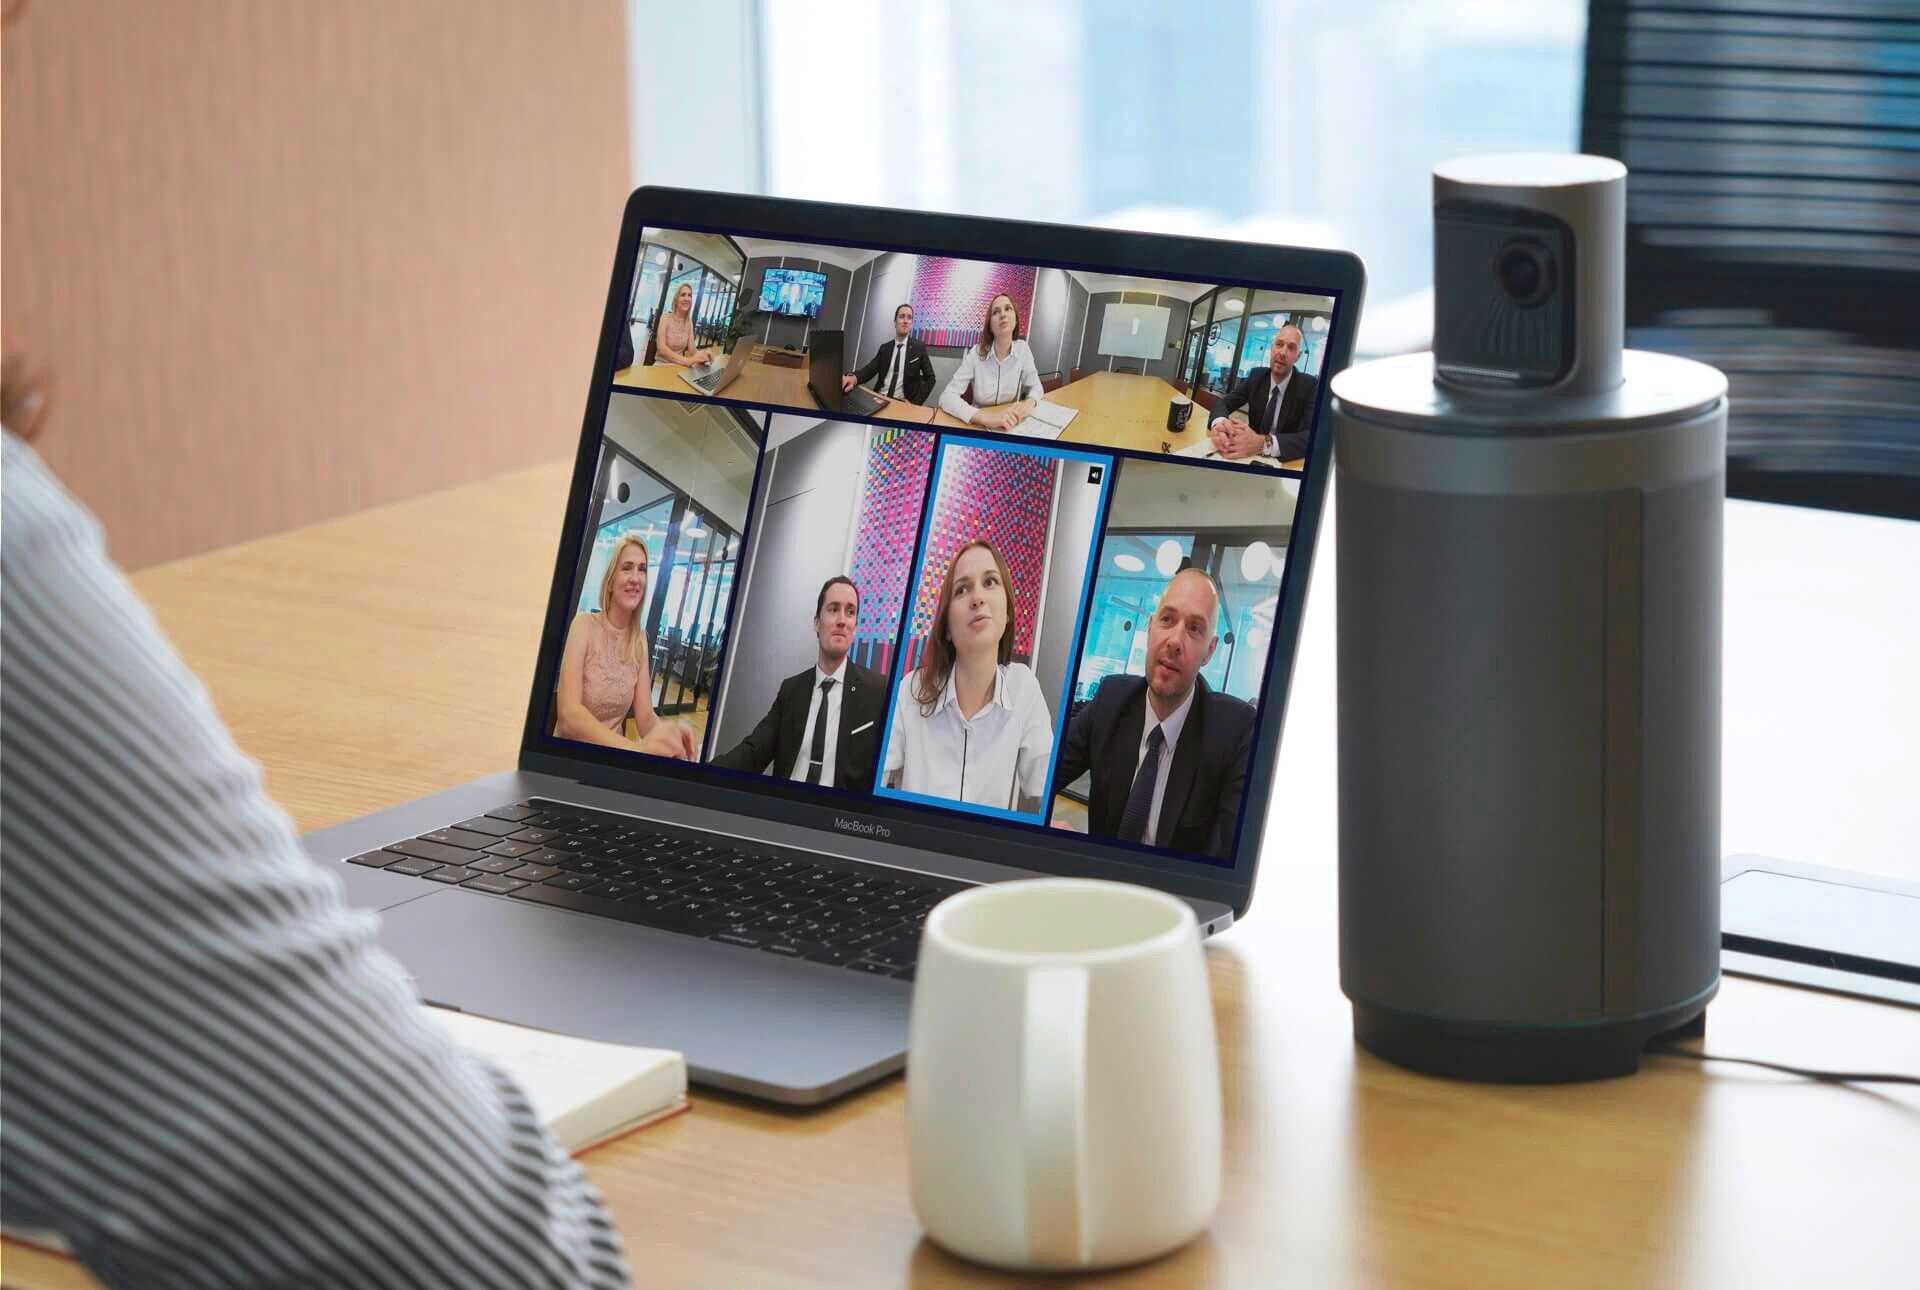 Работа без помех: выбираем сервис видеозвонков для удаленной работы